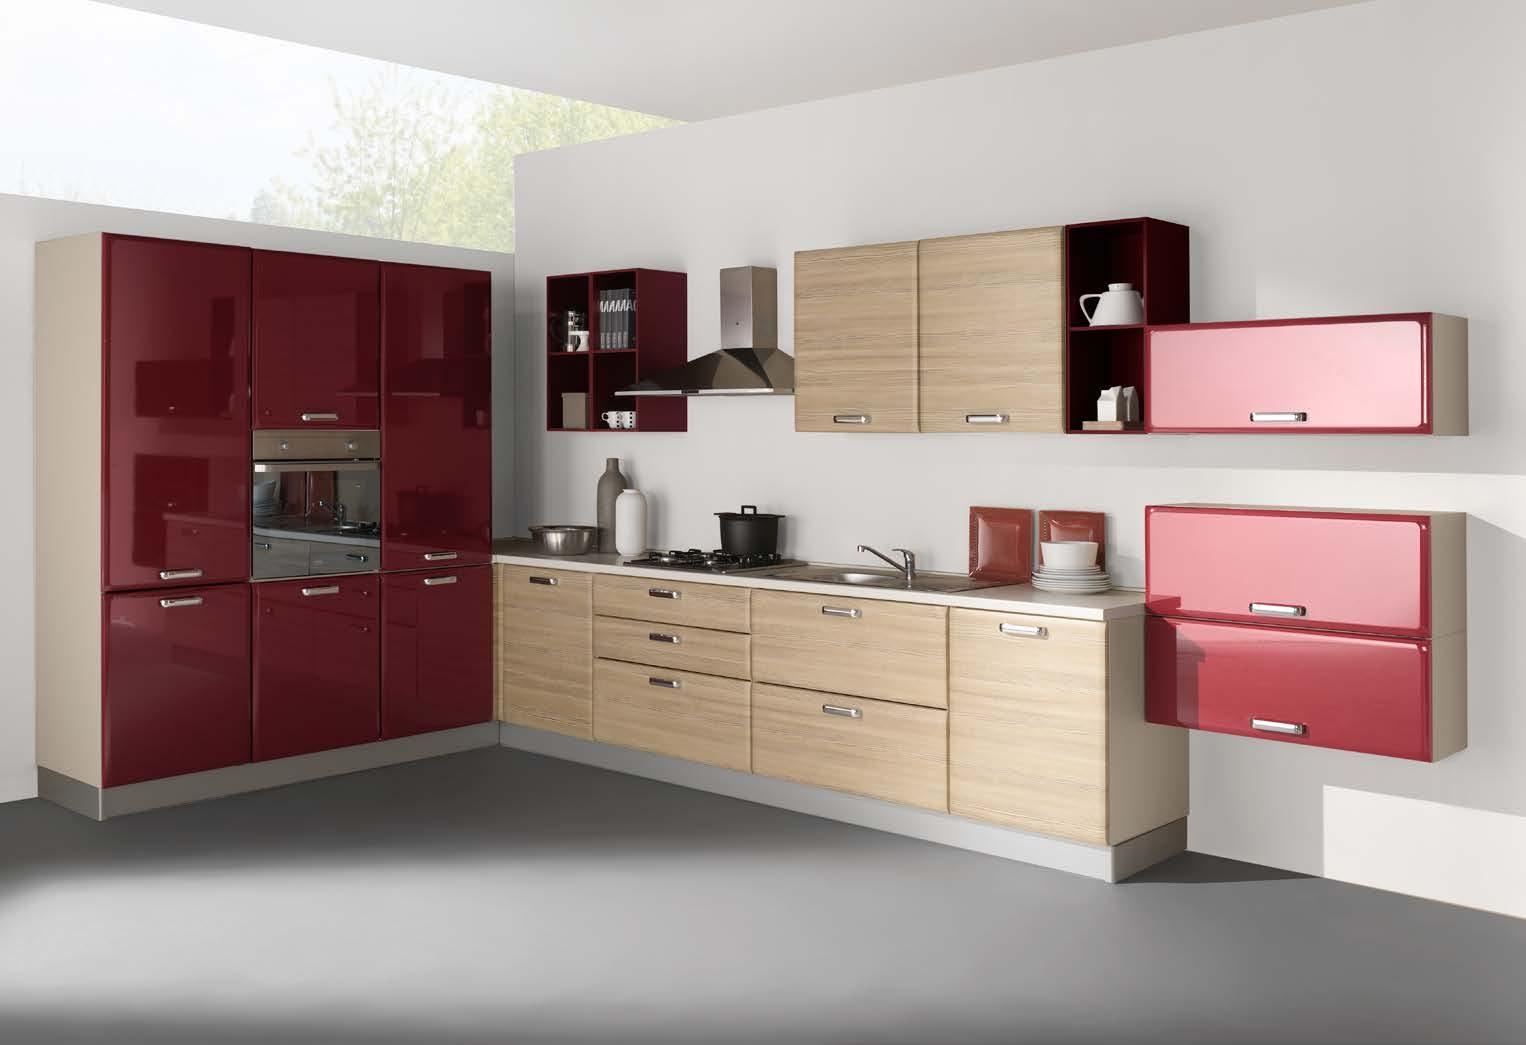 Netcucine cucina moderna ad angolo con elettrodomestici - Elettrodomestici cucina ...